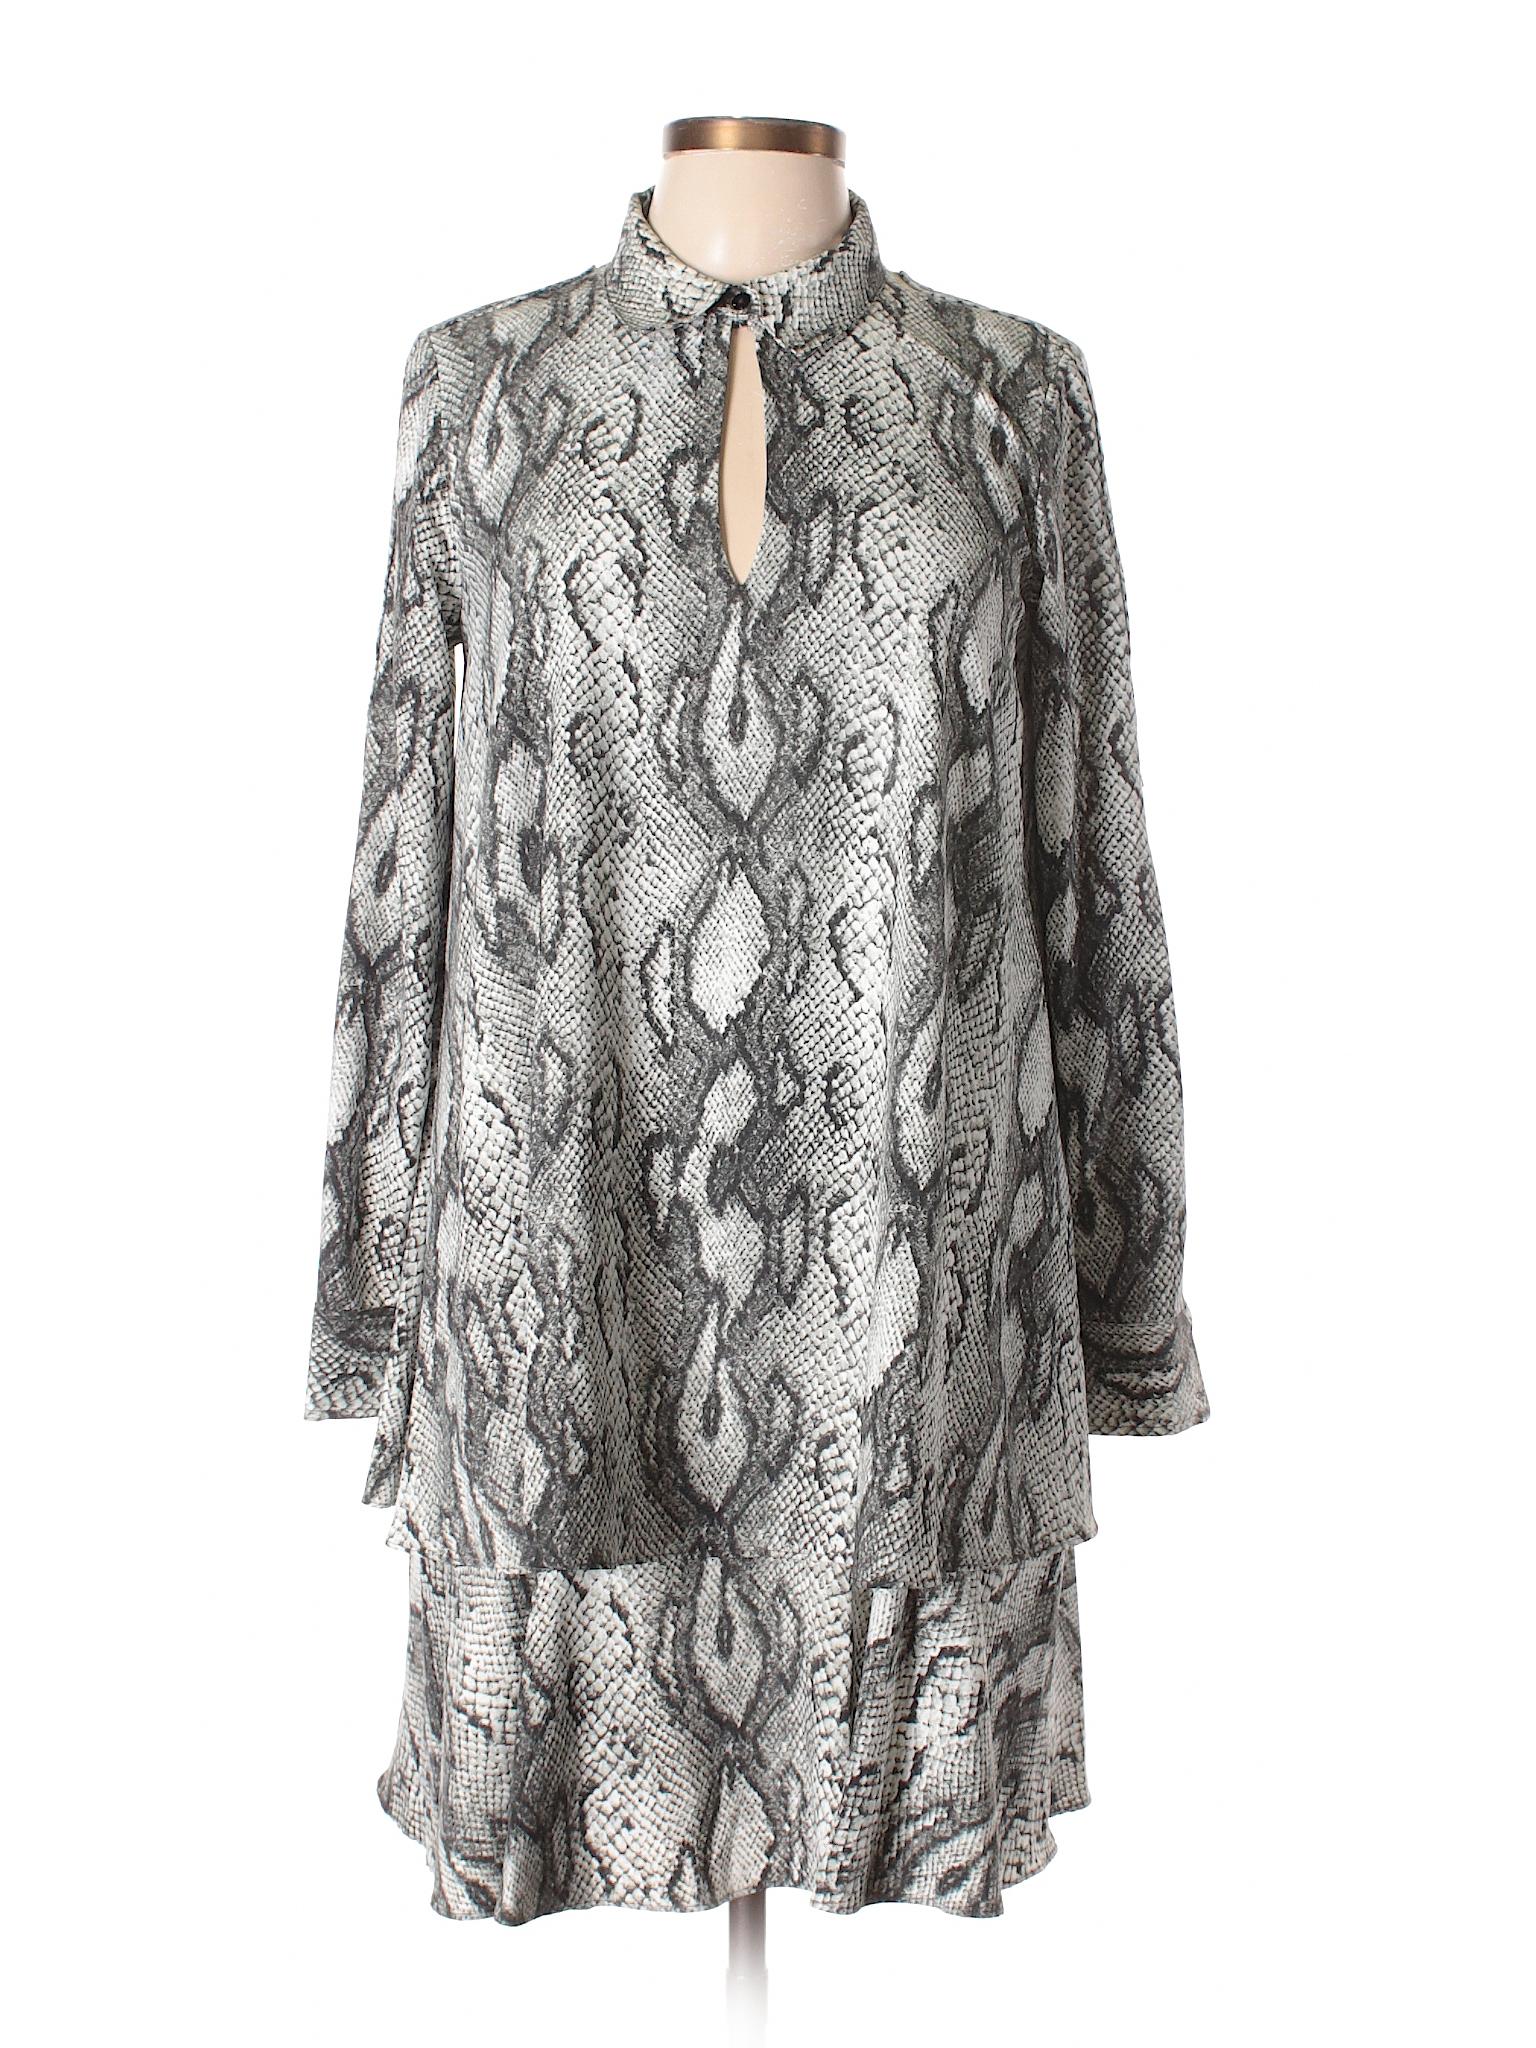 Casual winter Dress Boutique Rachel Zoe qtp18zY